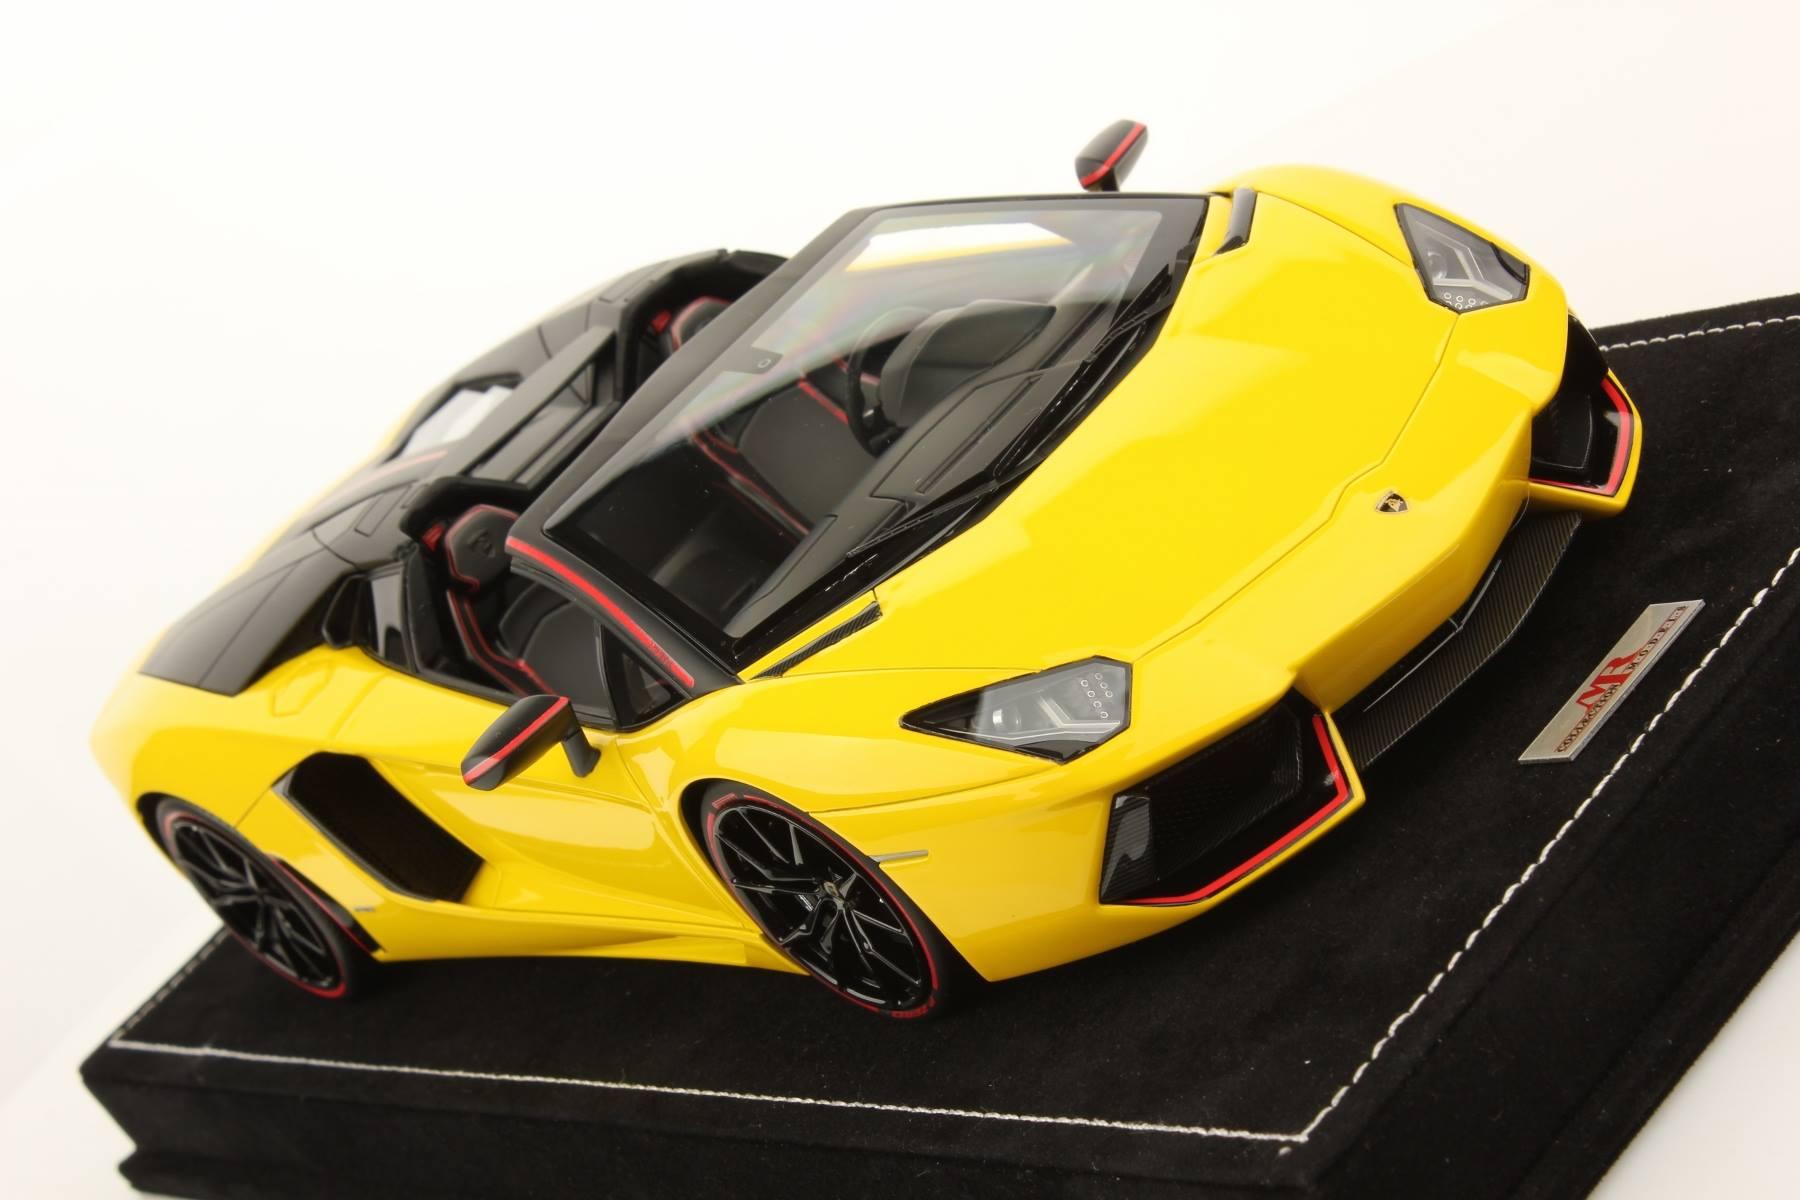 Lamborghini Aventador LP 700-4 Roadster Pirelli Edition by MR ...